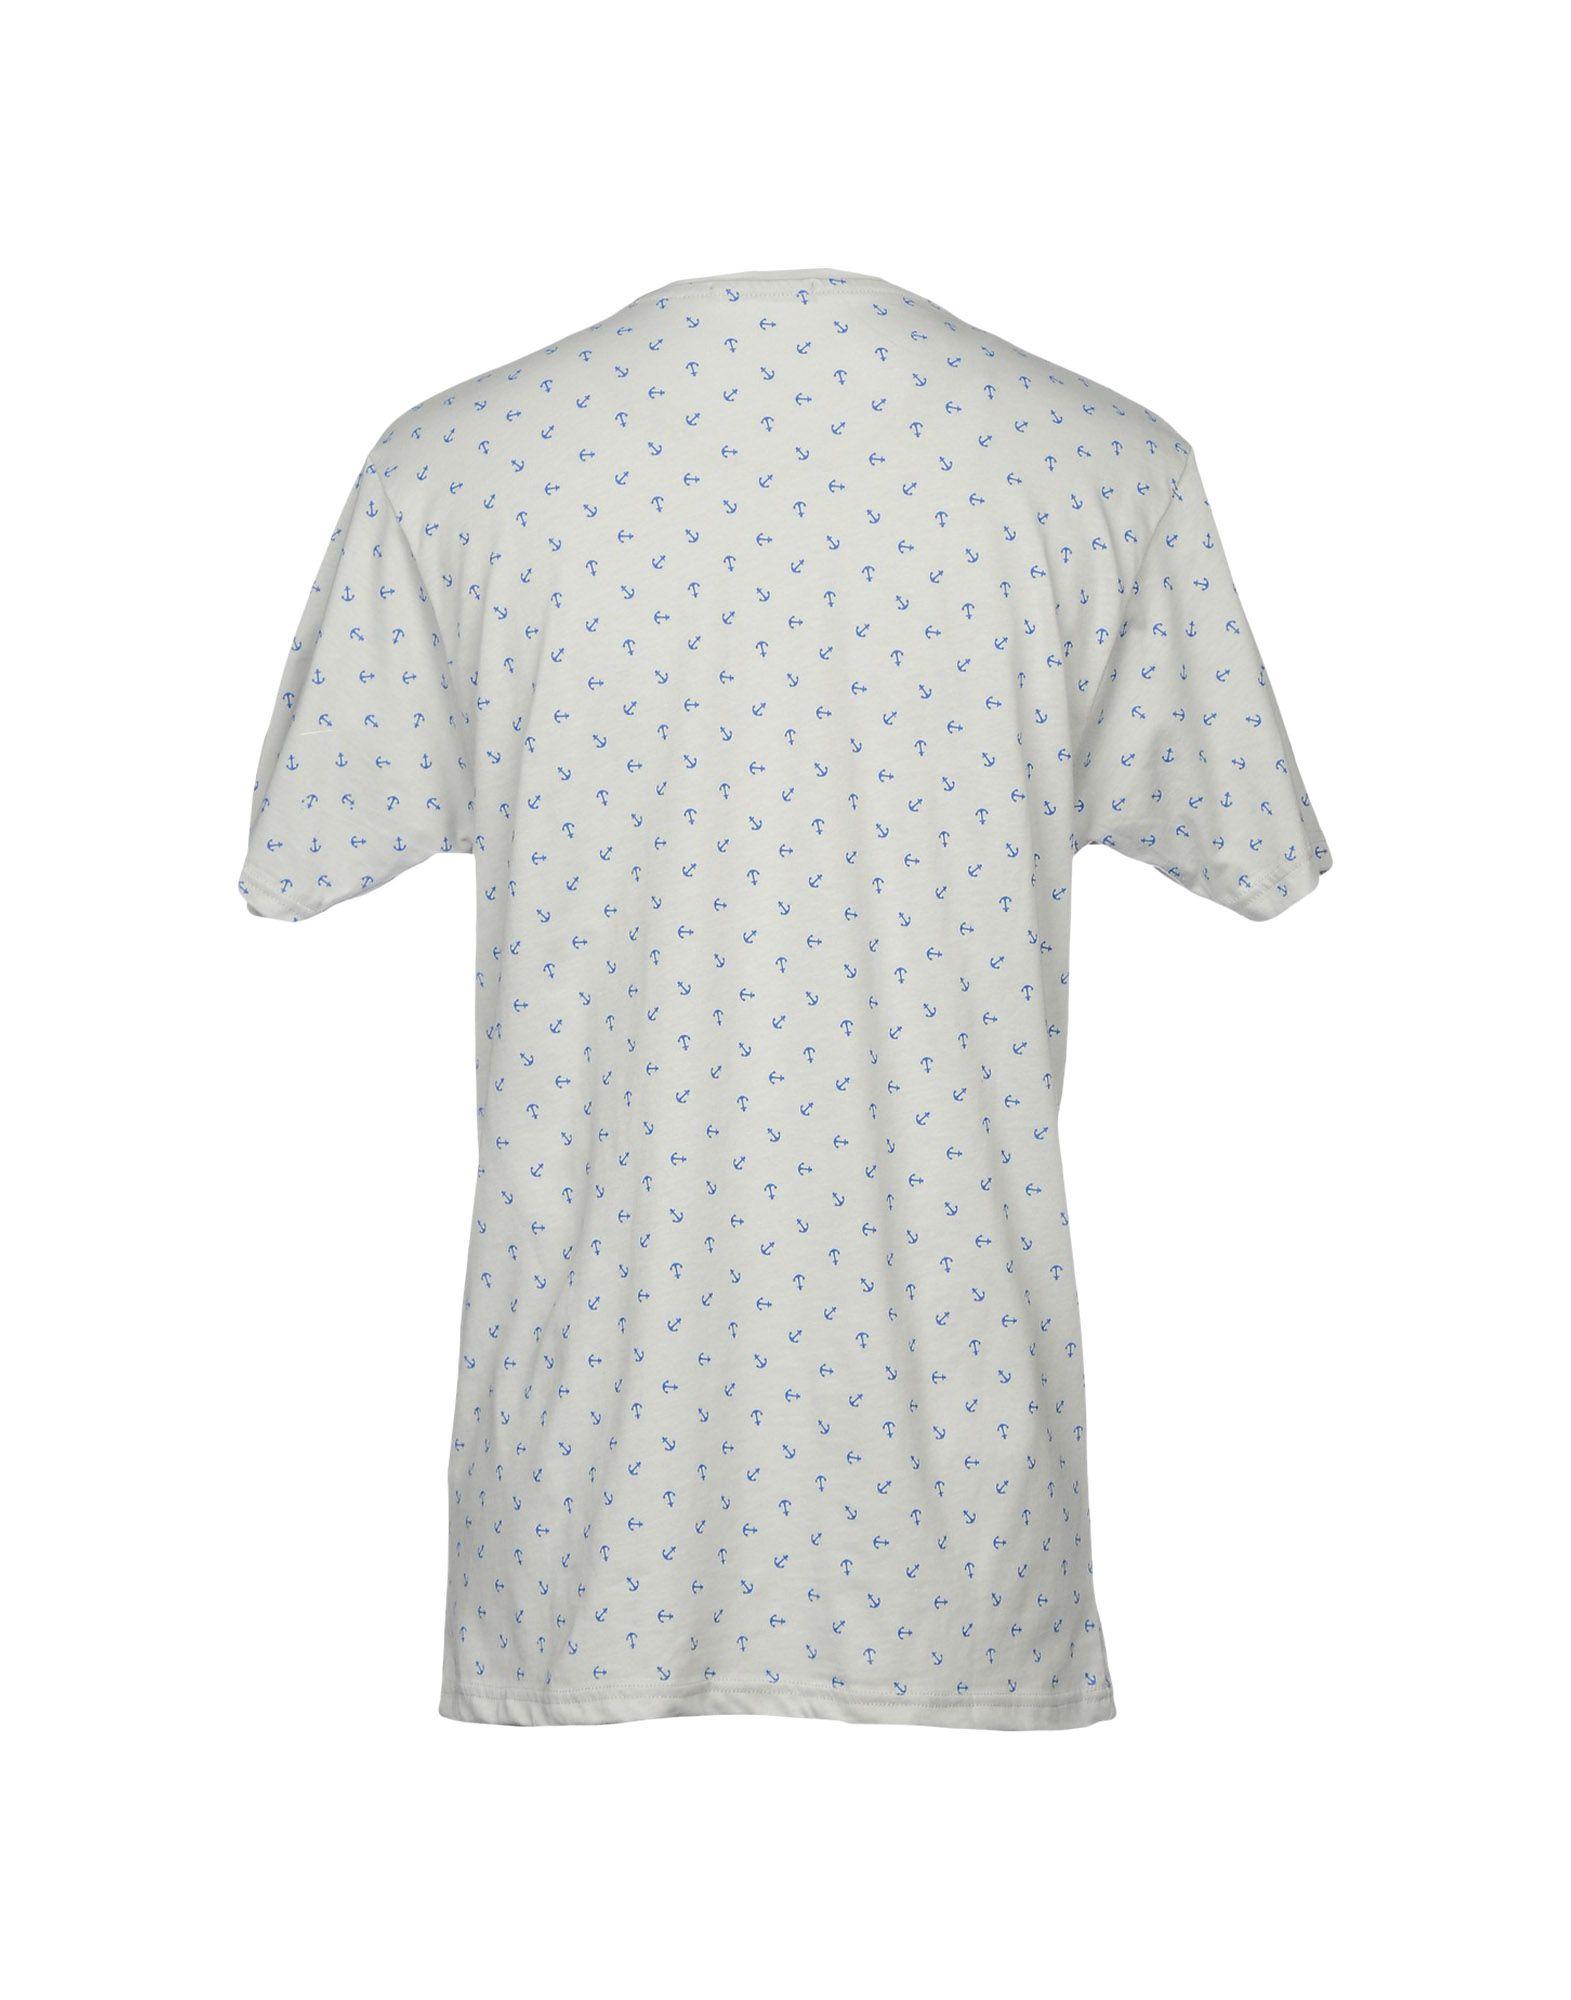 A buon mercato A buon mercato T-Shirt Bly03 Bly03 T-Shirt Uomo - 12142105HU da51d8